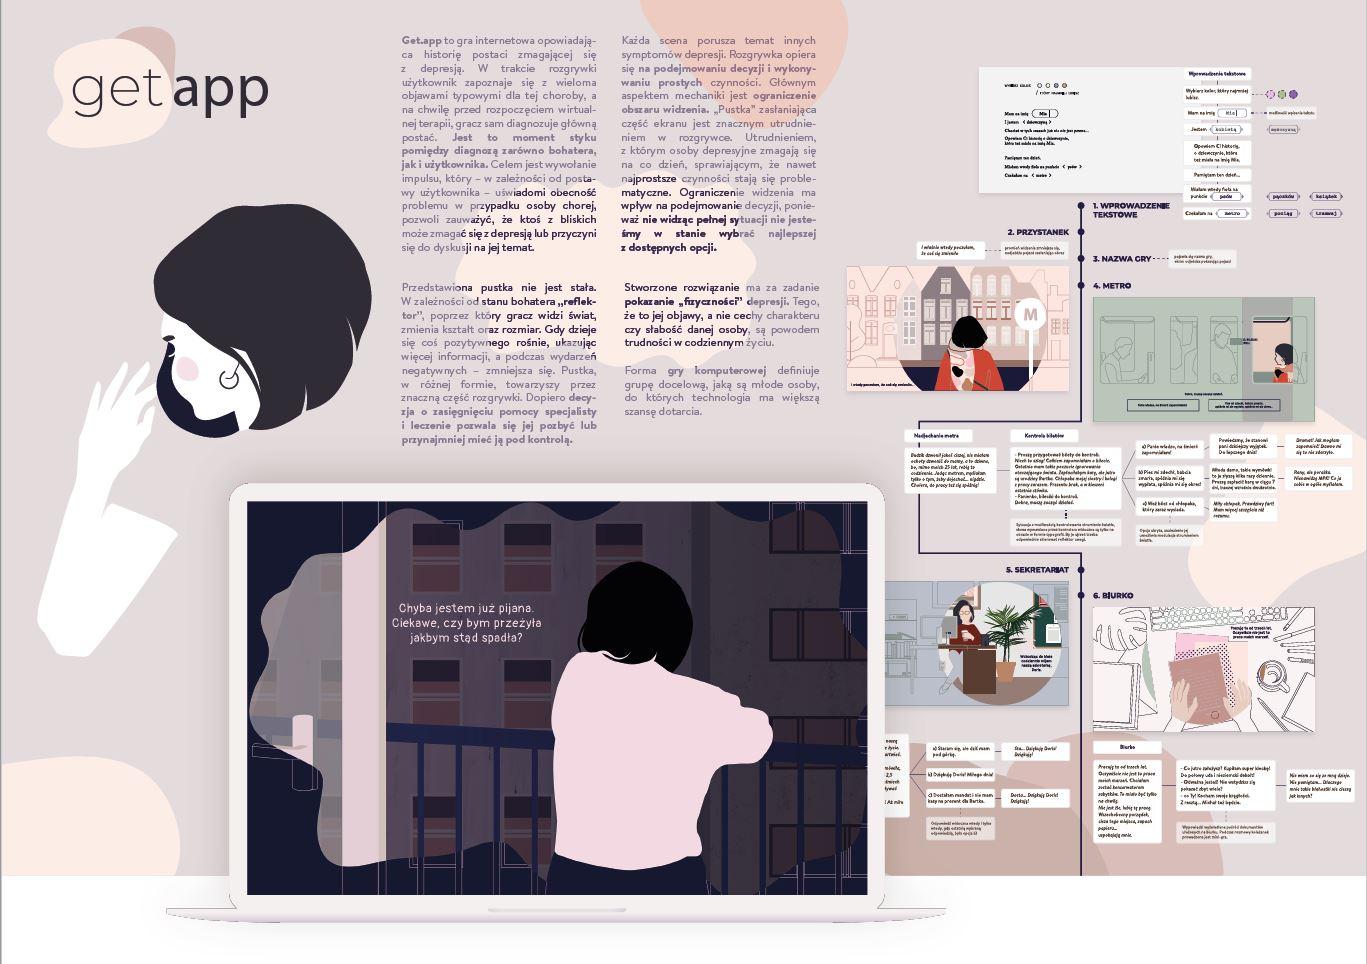 Get.app - gra zwiększająca świadomość społeczną depresji